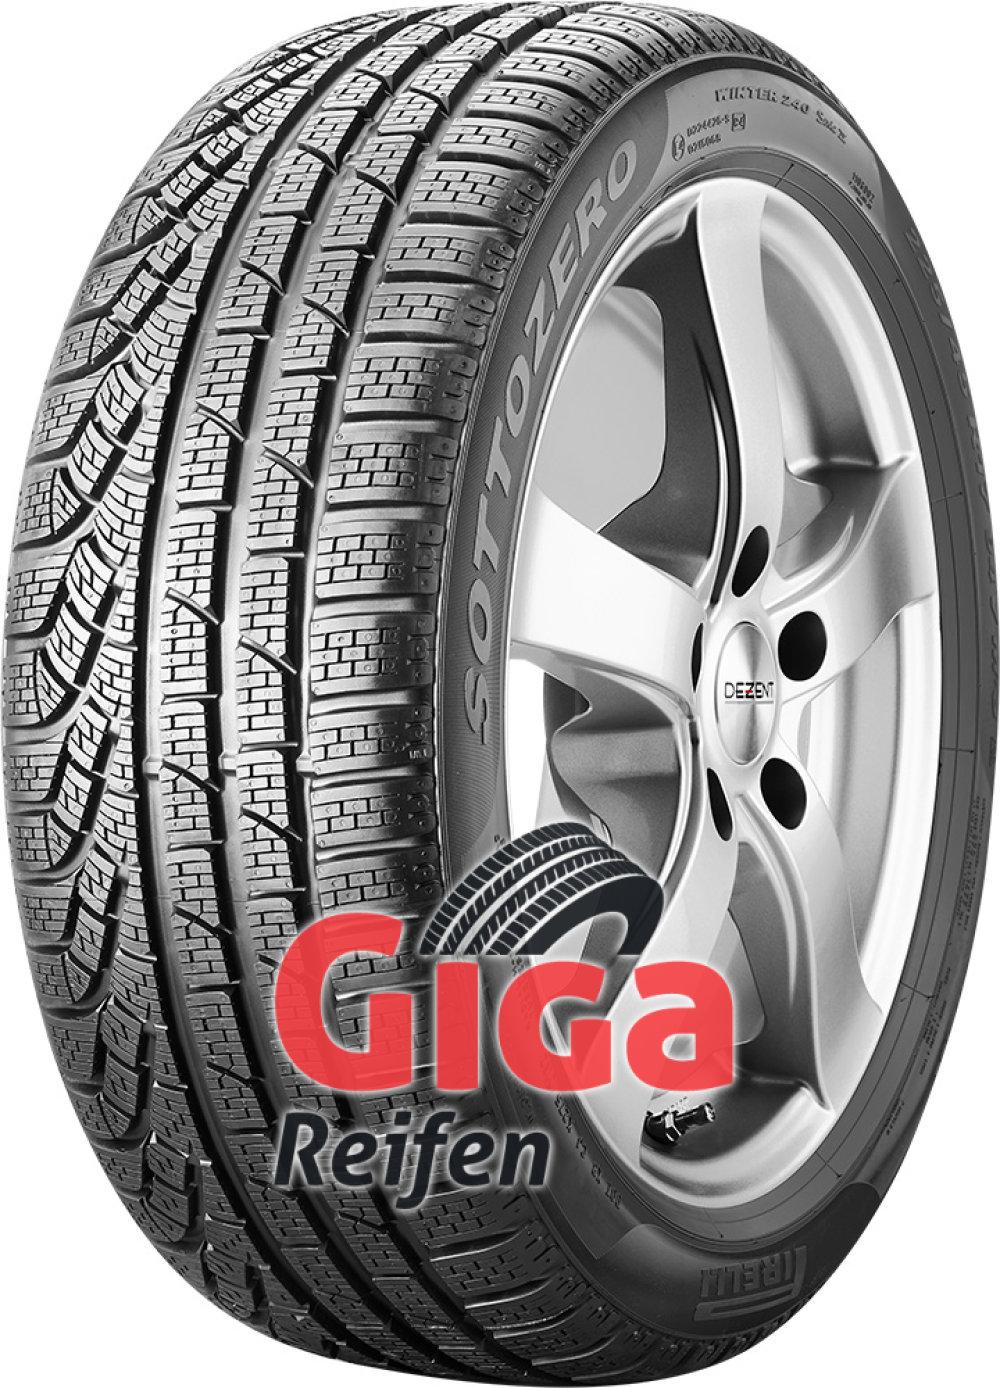 Pirelli W 270 SottoZero S2 ( 255/35 R20 97W XL ALP )